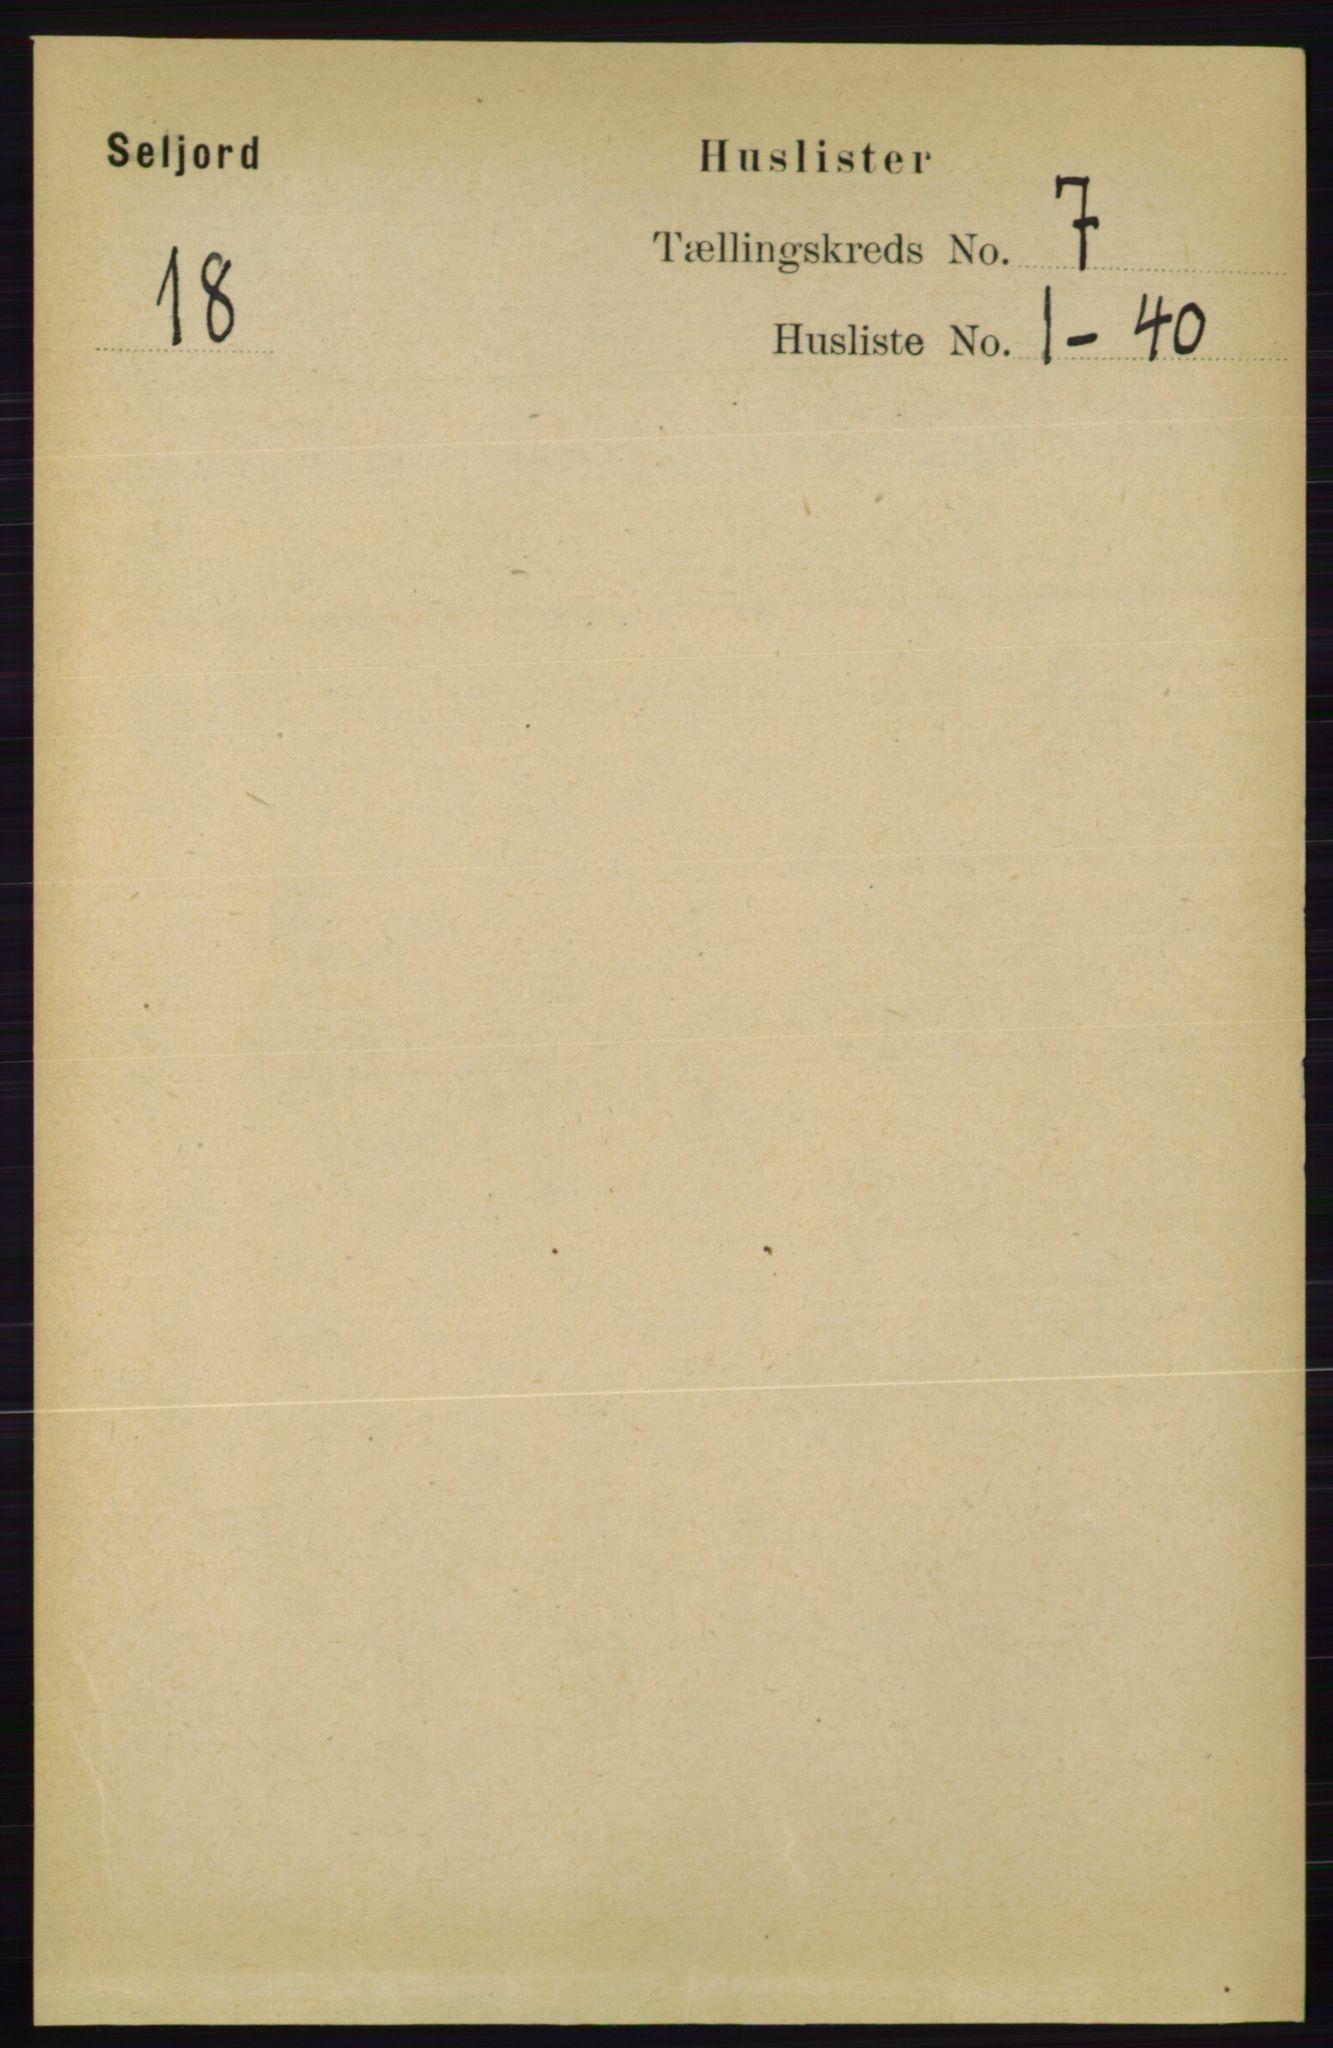 RA, Folketelling 1891 for 0828 Seljord herred, 1891, s. 2563